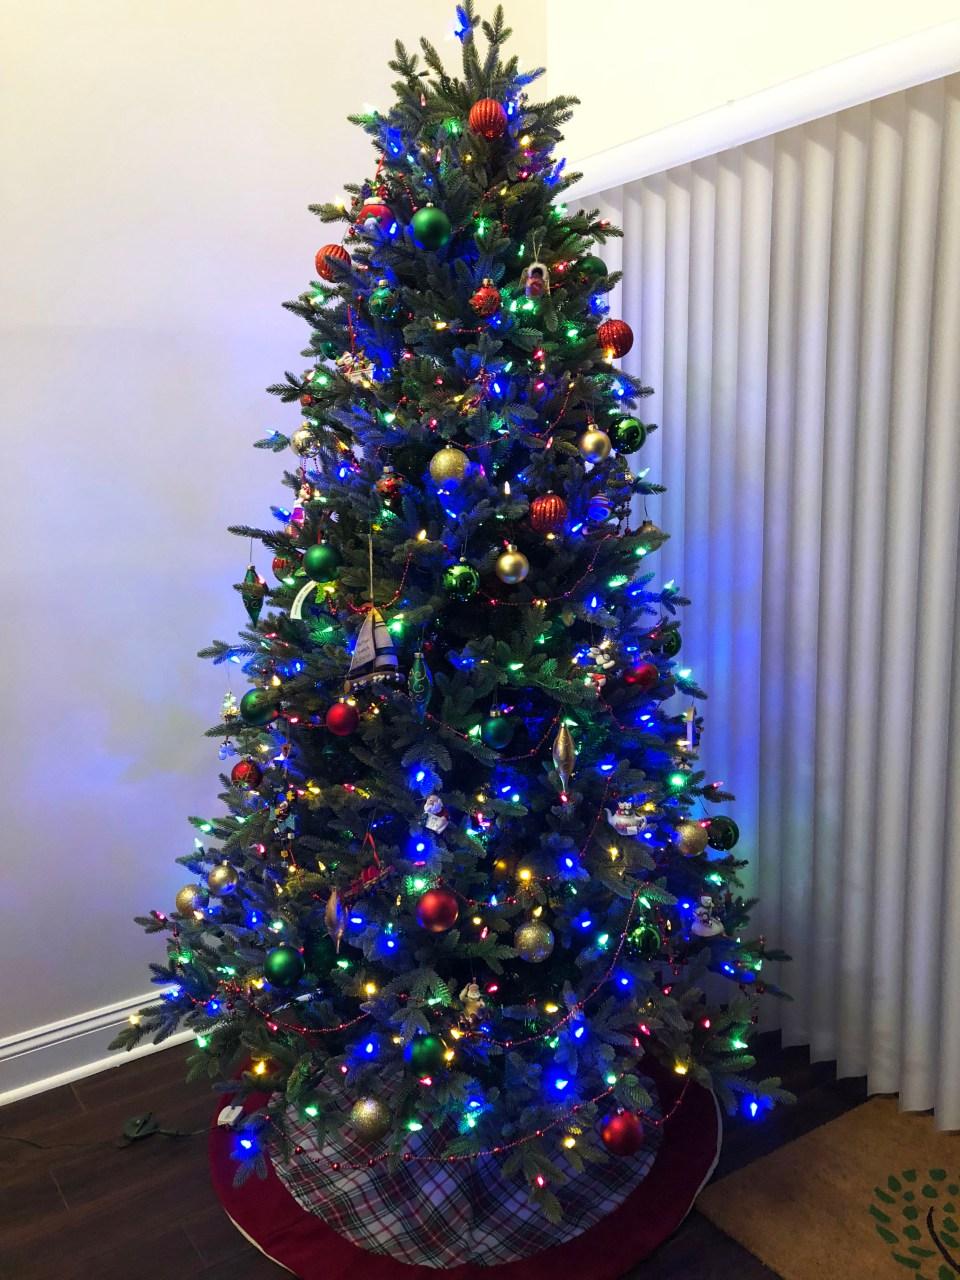 Christmas Tree - Nighttime 6